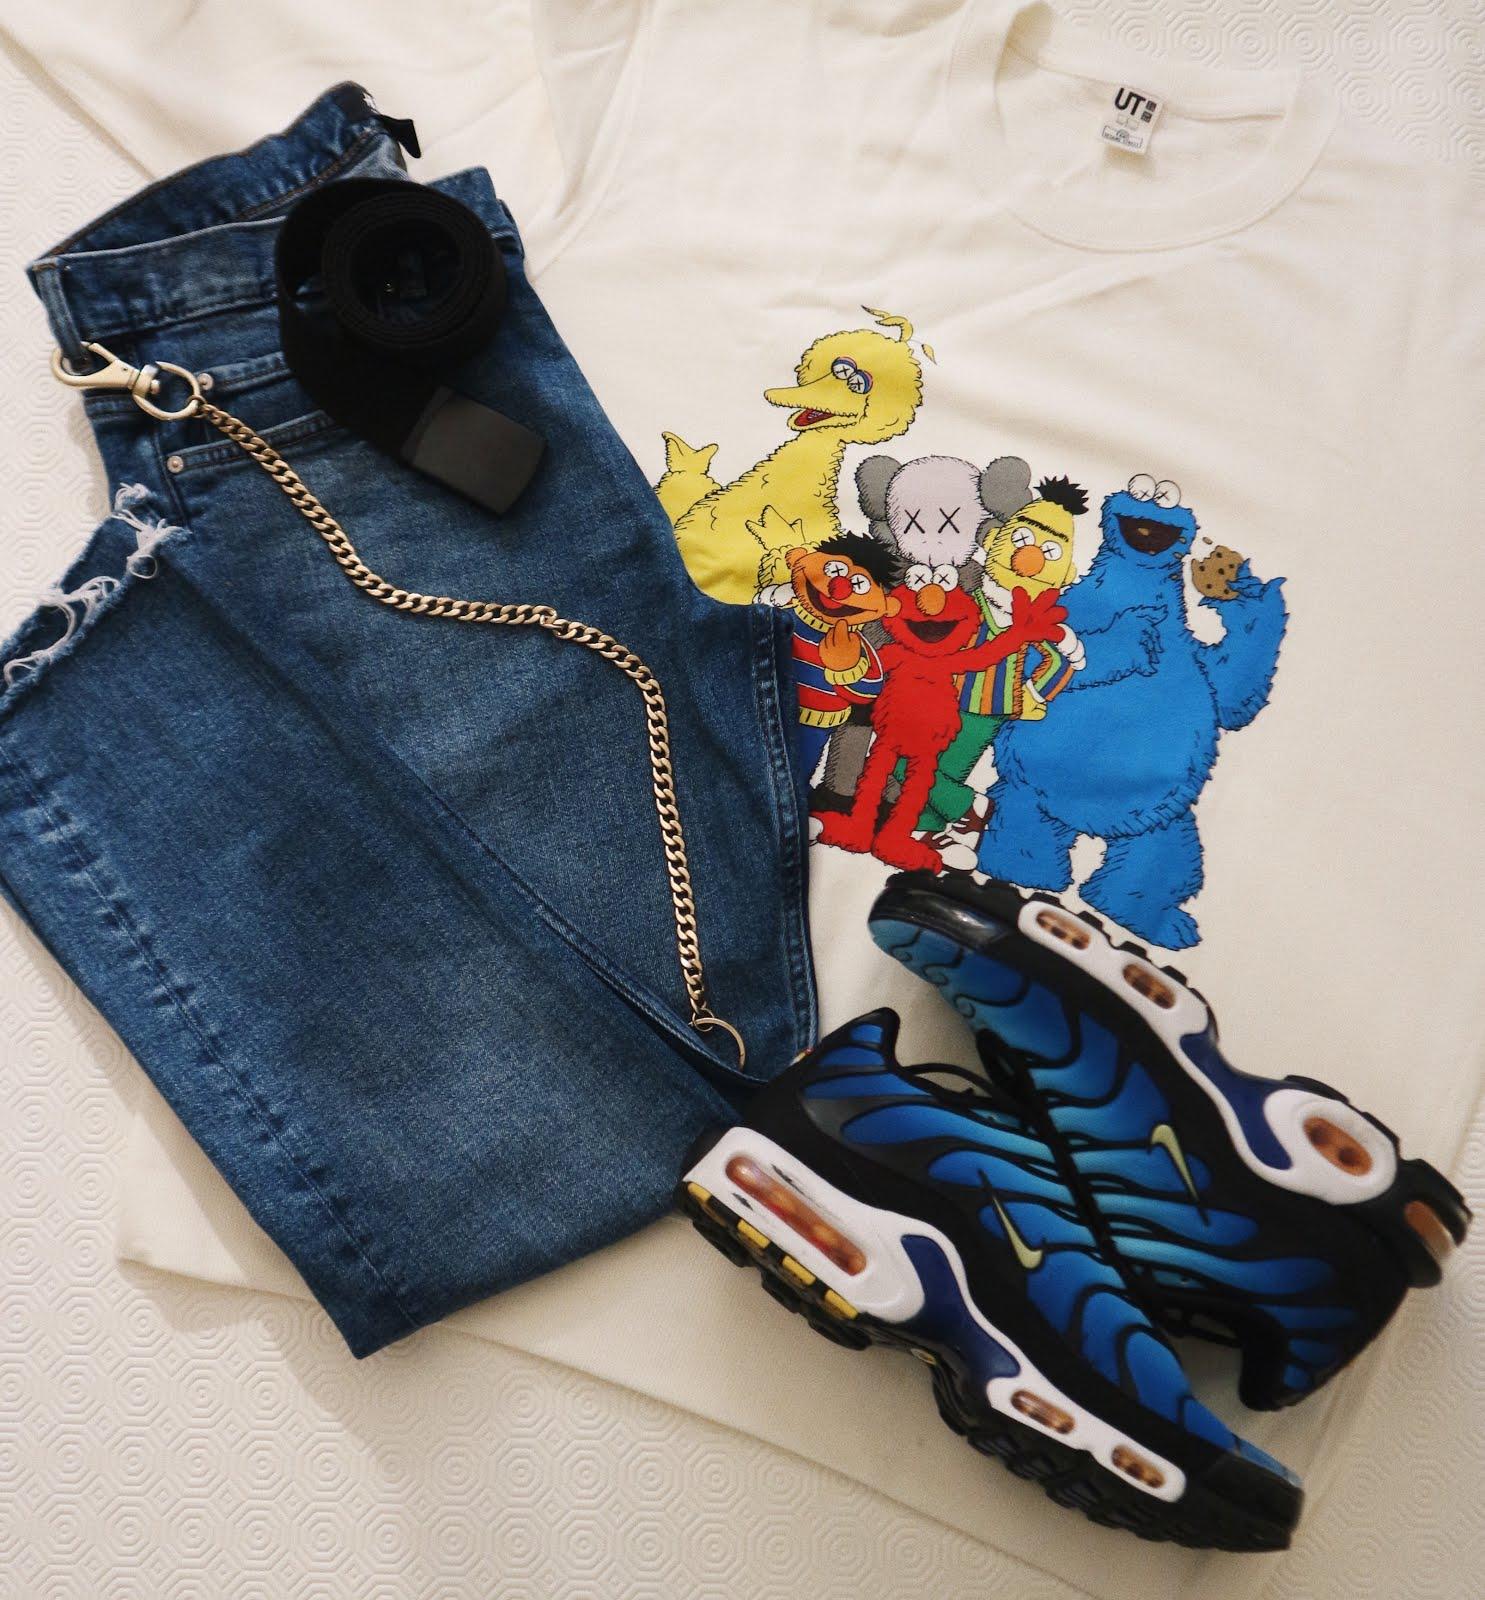 b0343f346d4 Three Outfits with Three Nike TN